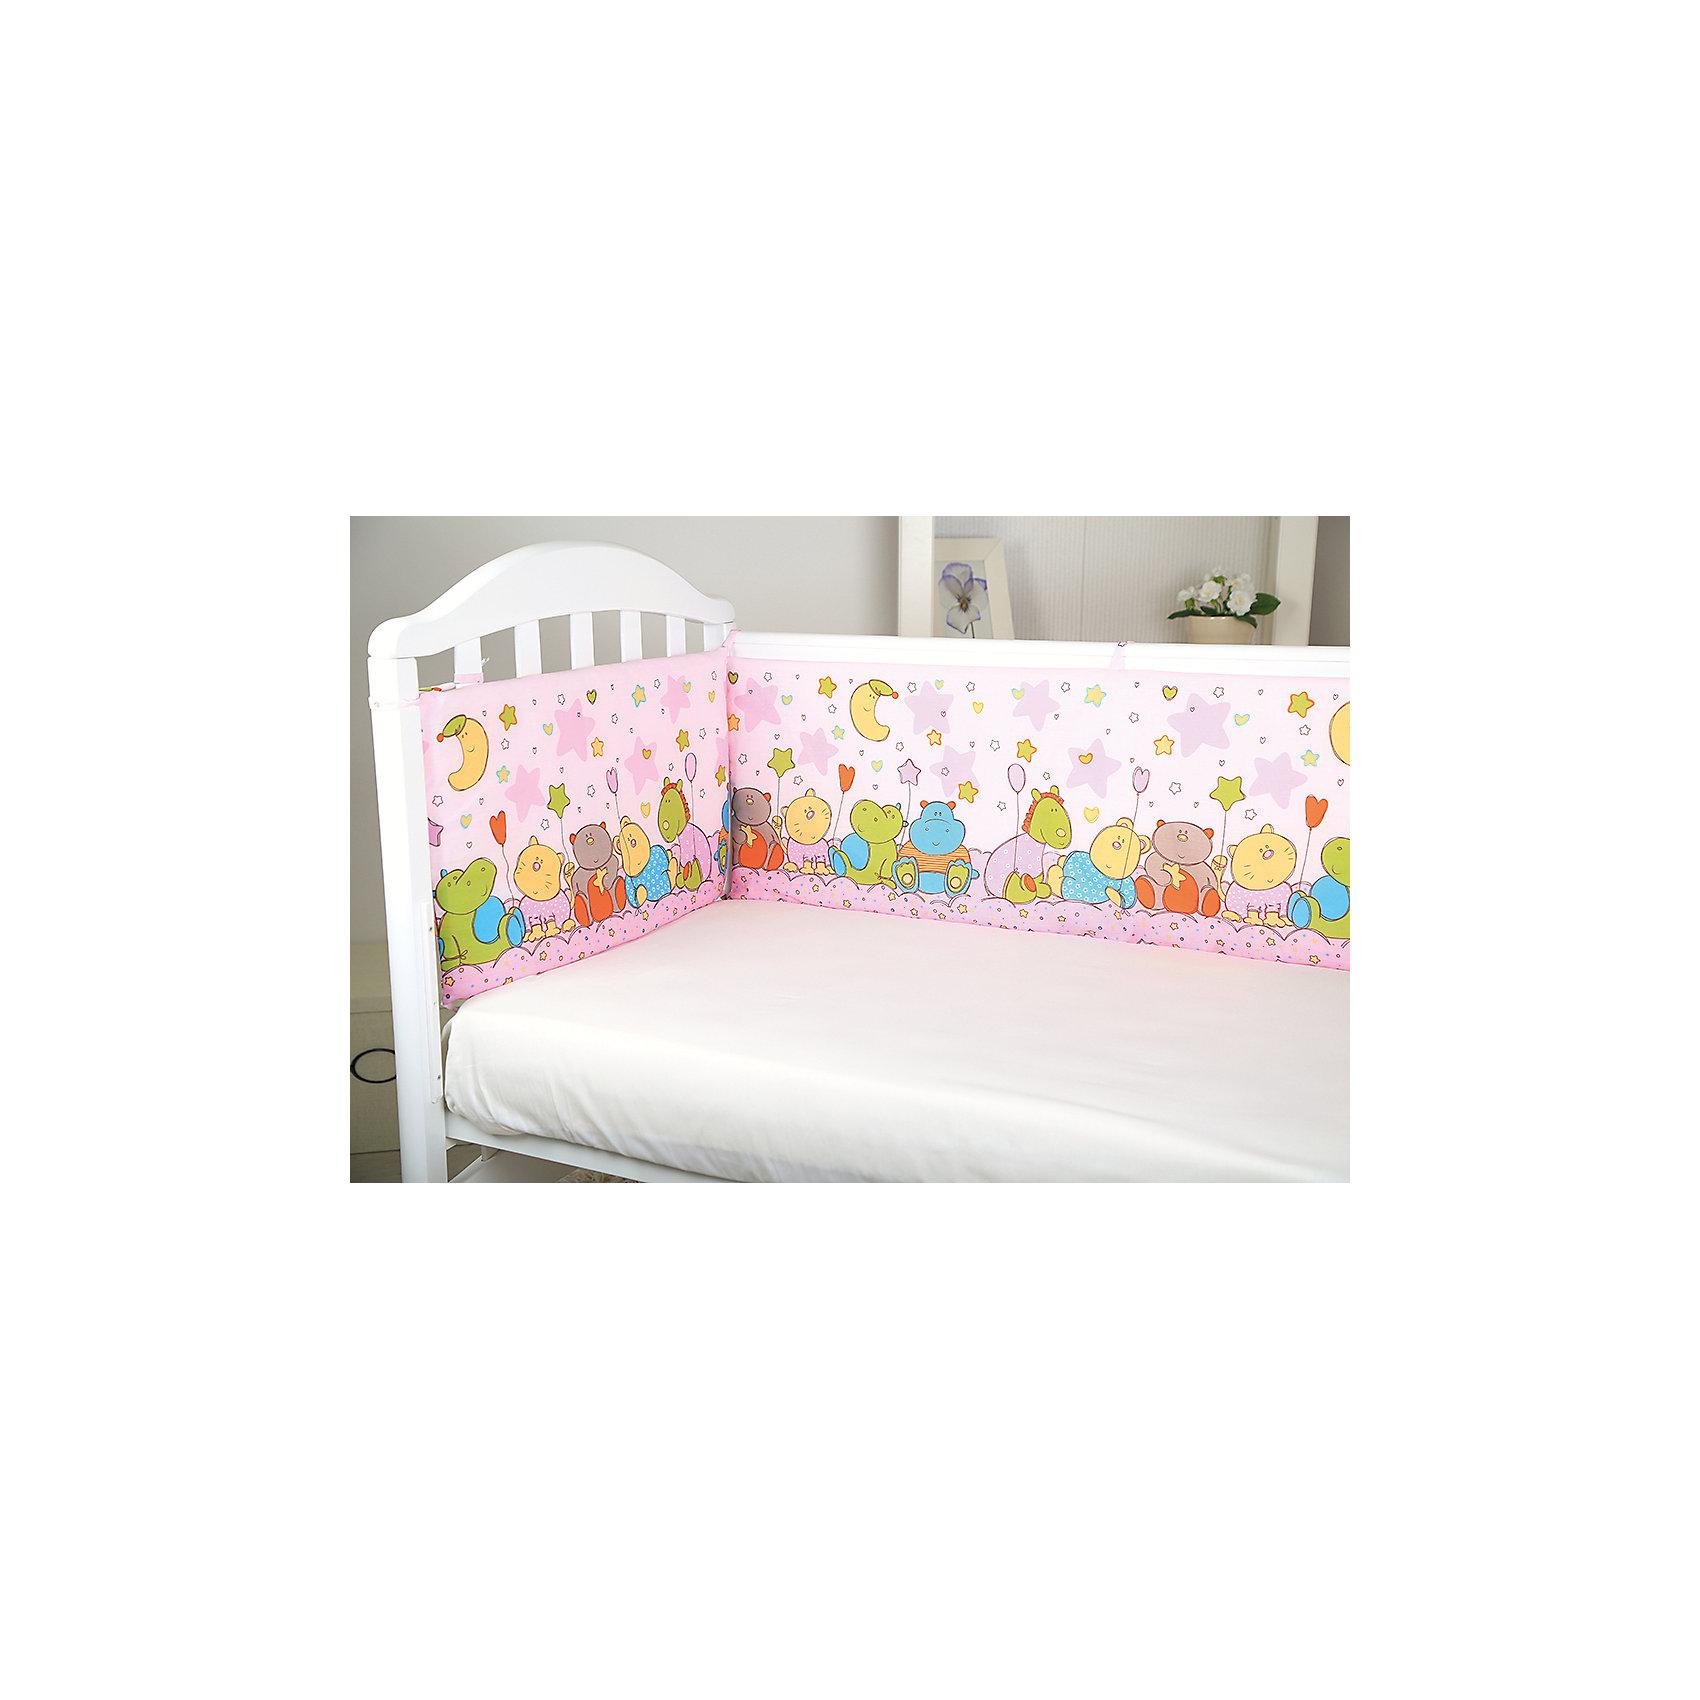 Борт в кроватку Звездопад, Baby Nice, розовыйБортики<br>Мягкий борт в кроватку с нежным принтом и спокойной приятной расцветкой подарит крохе комфорт и безопасность. Борт - раздельный, выполнен из высококачественных гипоаллергенных материалов, сохраняющих цвет и свойства после стирки. <br><br>Дополнительная информация:<br><br>- Материал верха:  бязь (хлопок 100%).<br>- Наполнитель: периотек (полиэфирное волокно).<br>- Размер каждого бортика: 35х60 см.<br>- 4 бортика в комплекте.<br>- Цвет: розовый.<br><br>Борт в кроватку Звездопад, Baby Nice (Беби Найс), розовый, можно купить в нашем магазине.<br><br>Ширина мм: 70<br>Глубина мм: 10<br>Высота мм: 50<br>Вес г: 600<br>Возраст от месяцев: 0<br>Возраст до месяцев: 60<br>Пол: Женский<br>Возраст: Детский<br>SKU: 4058282